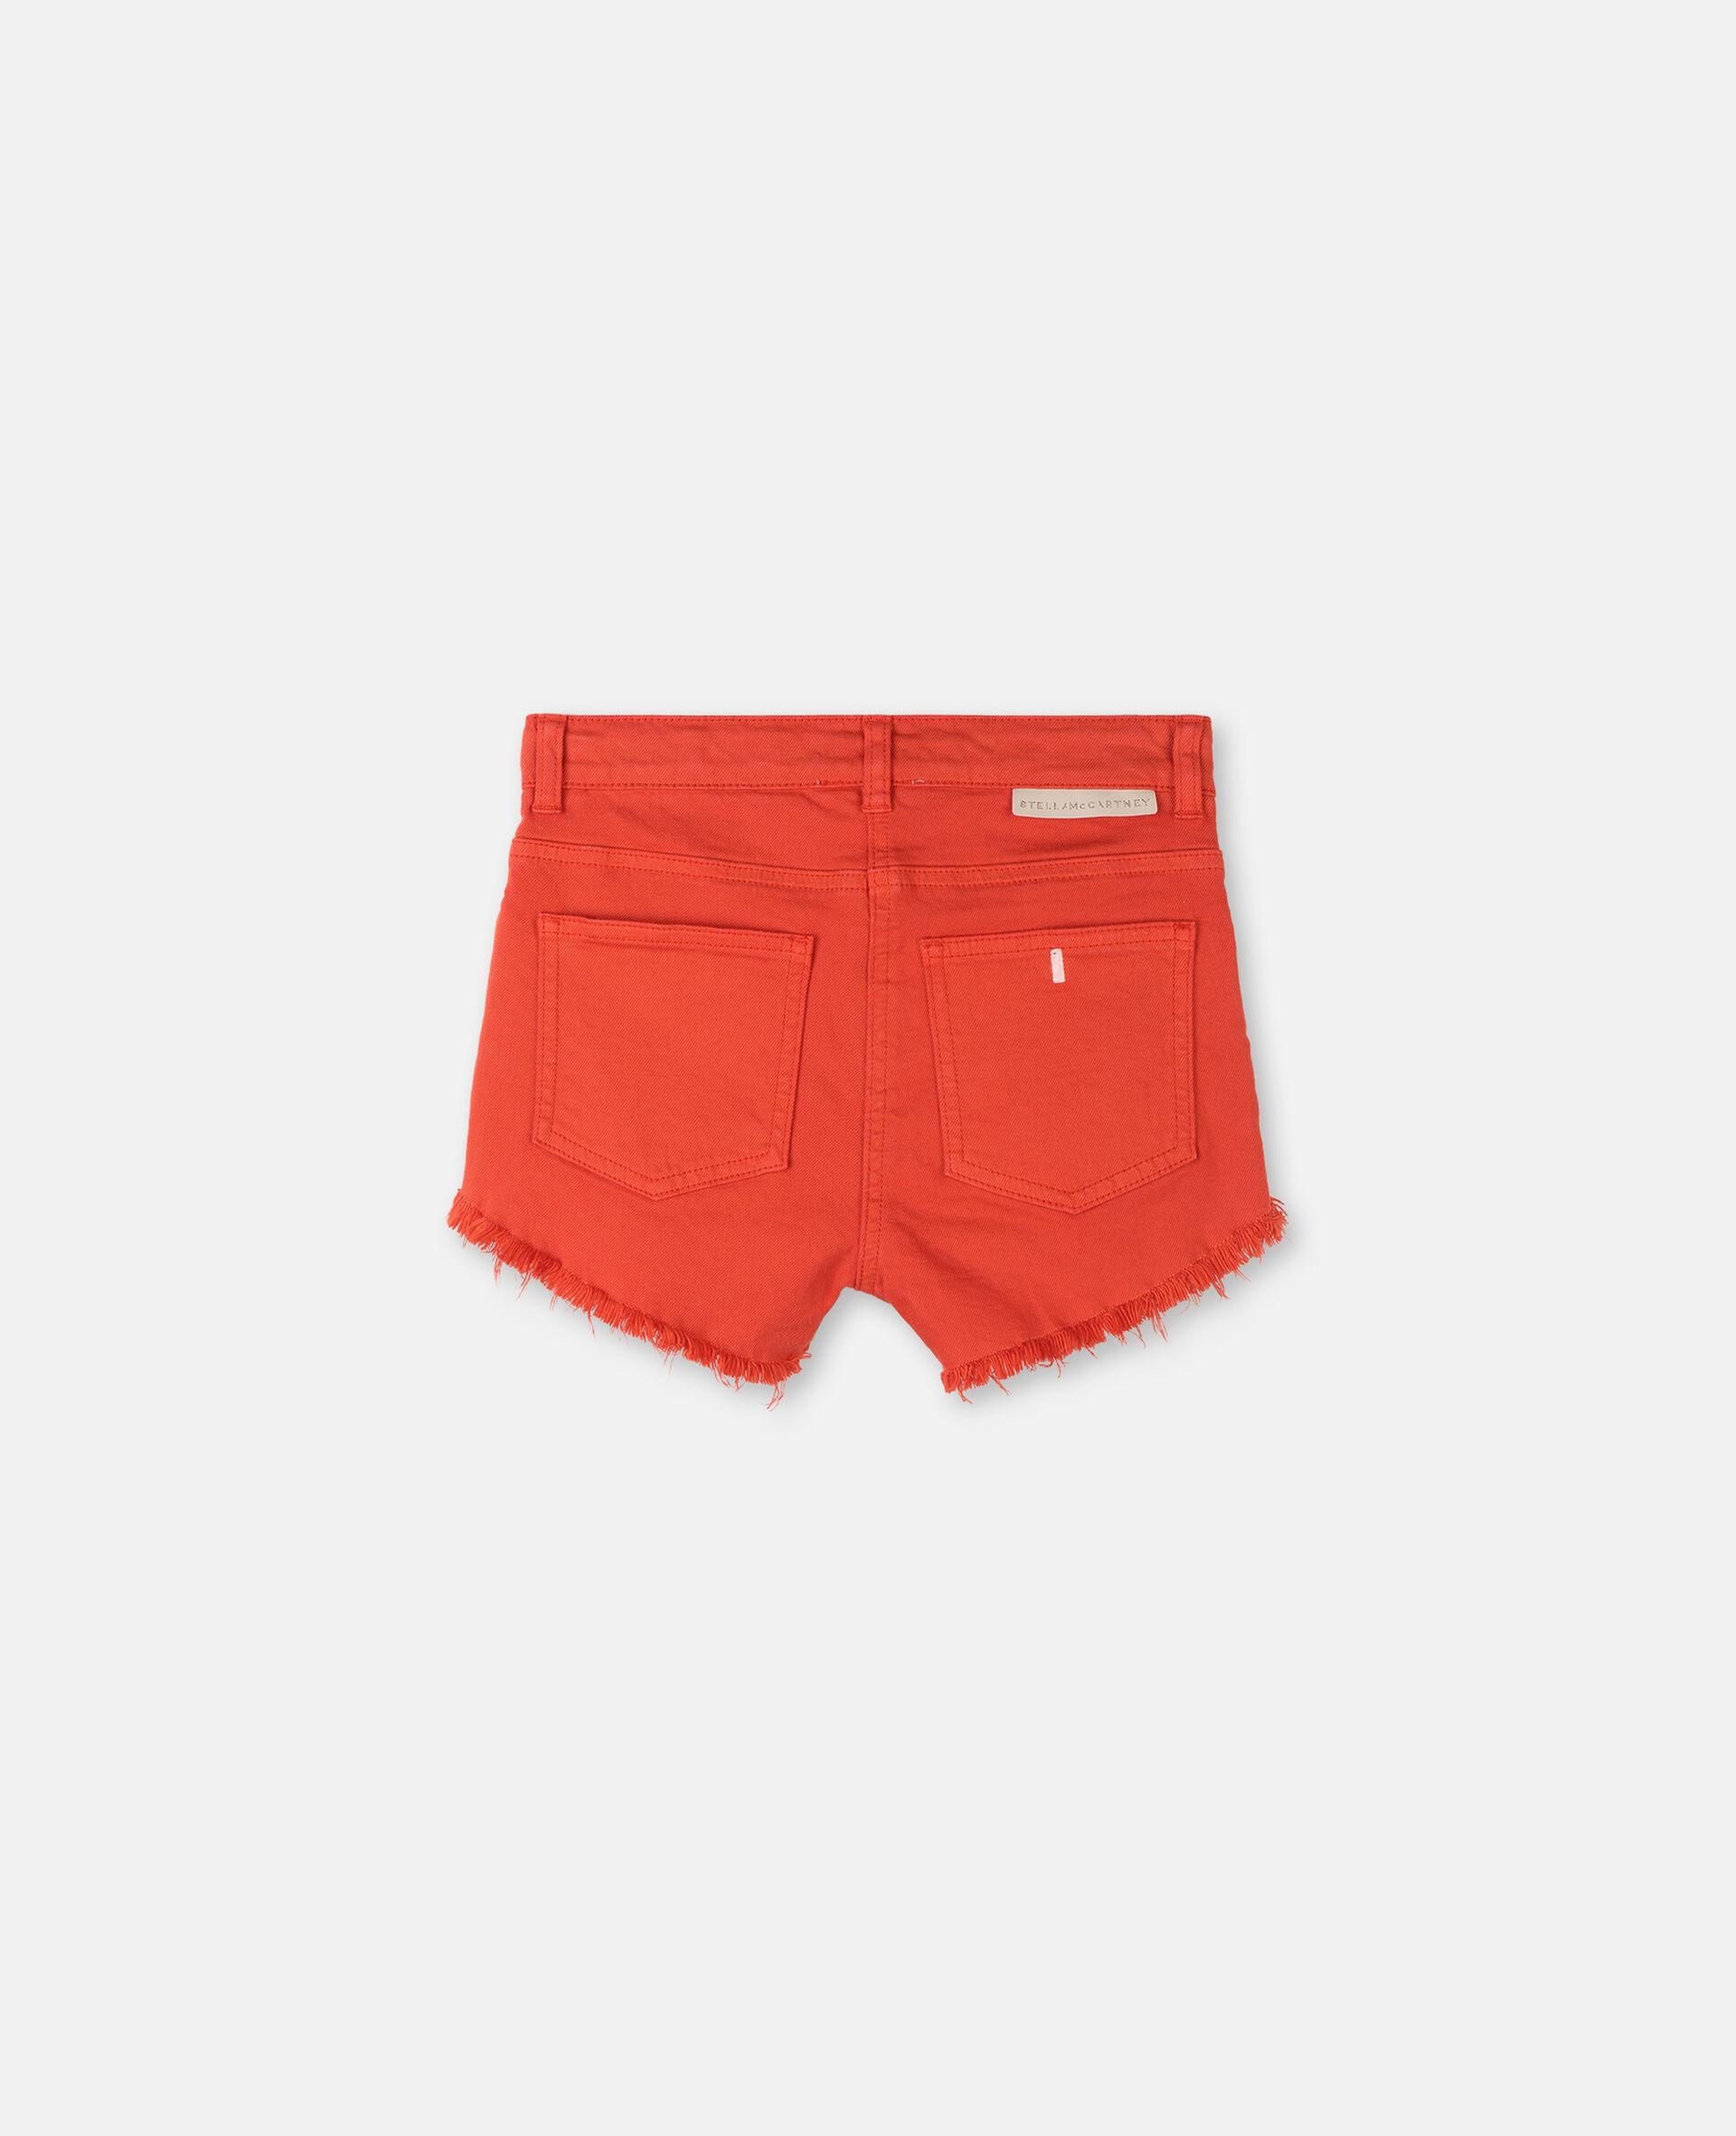 Short en denim rouge -Rouge-large image number 3